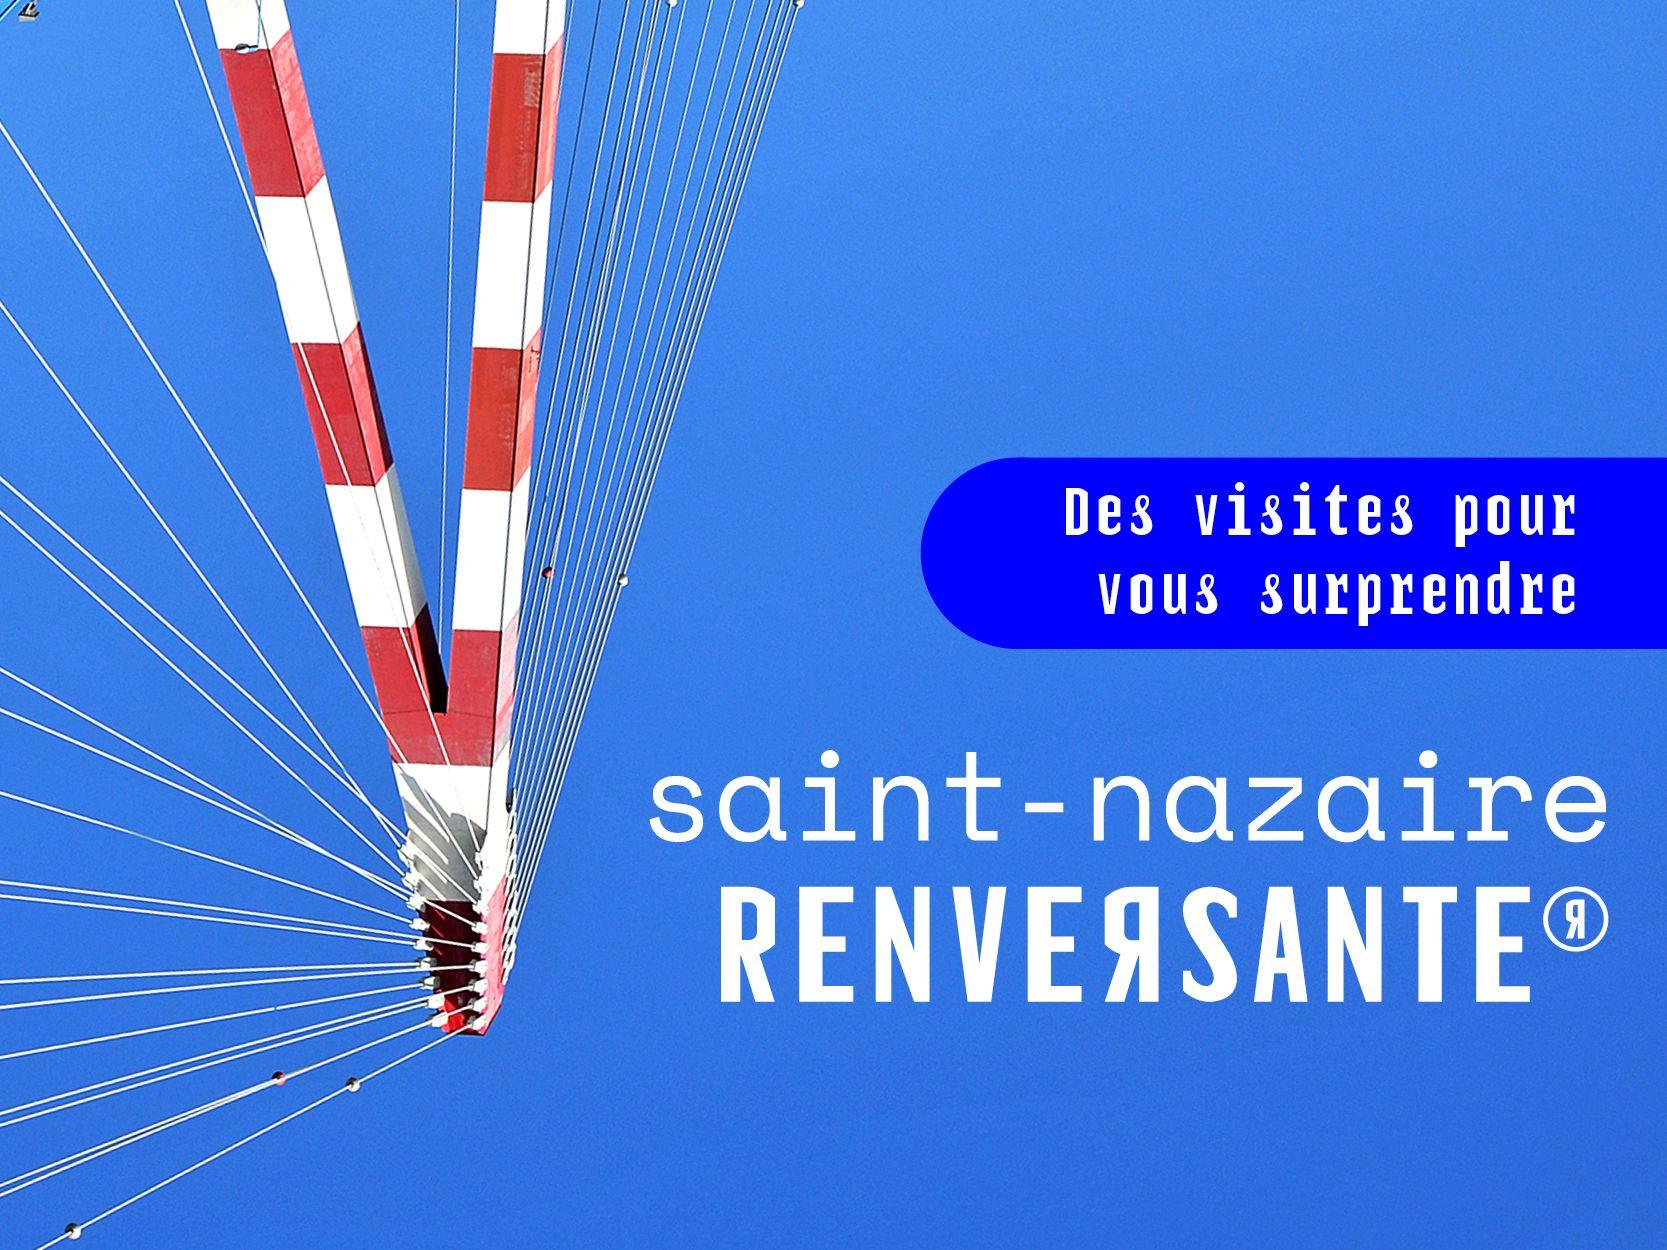 Saint Nazaire Renversante Visites, en Loire-Atlantique